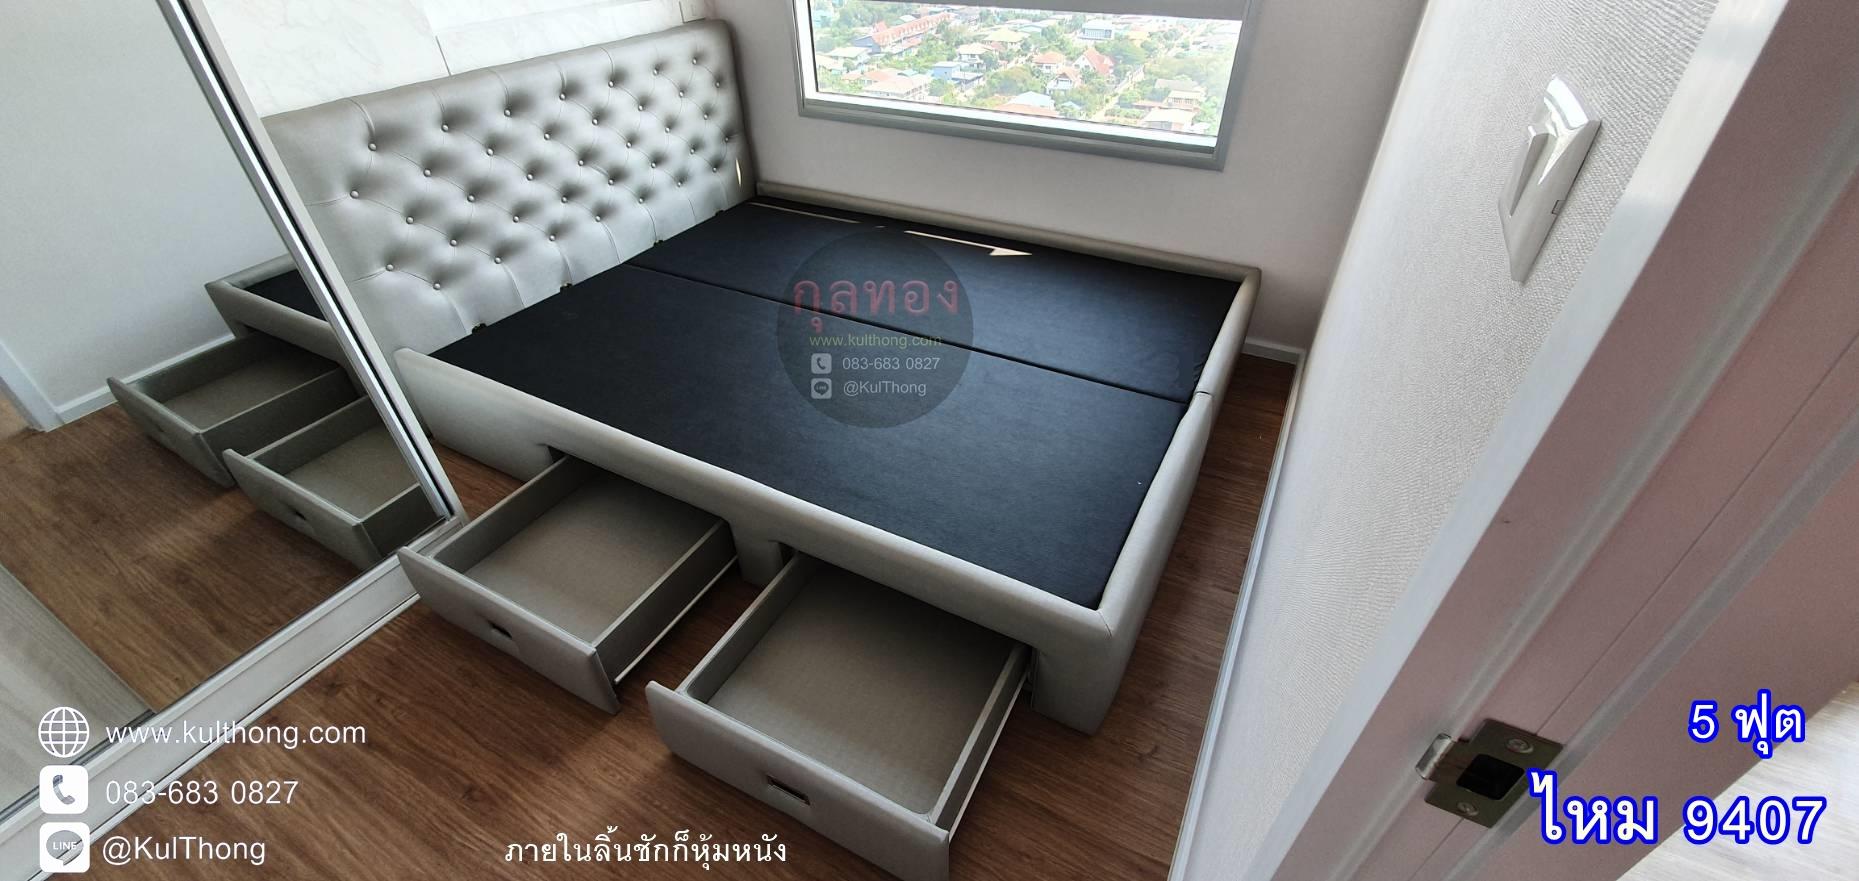 ฐานรองที่นอน เตียงมีลิ้นชัก เตียงเก็บของ เตียงคอนโด